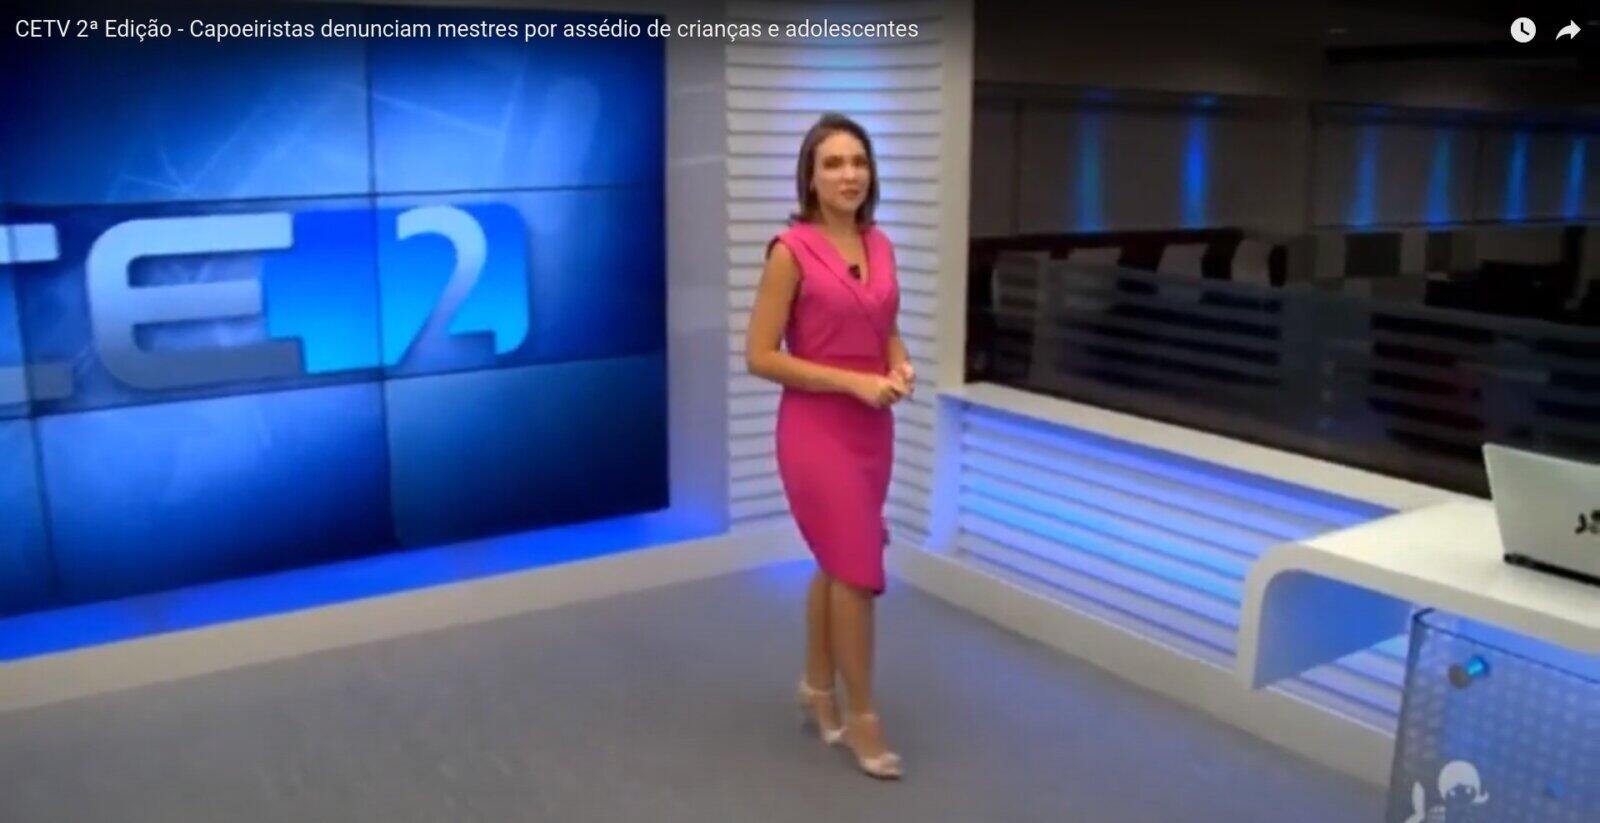 TV Globo – CETV: Capoeiristas denunciam mestres por assédio de crianças e adolescentes